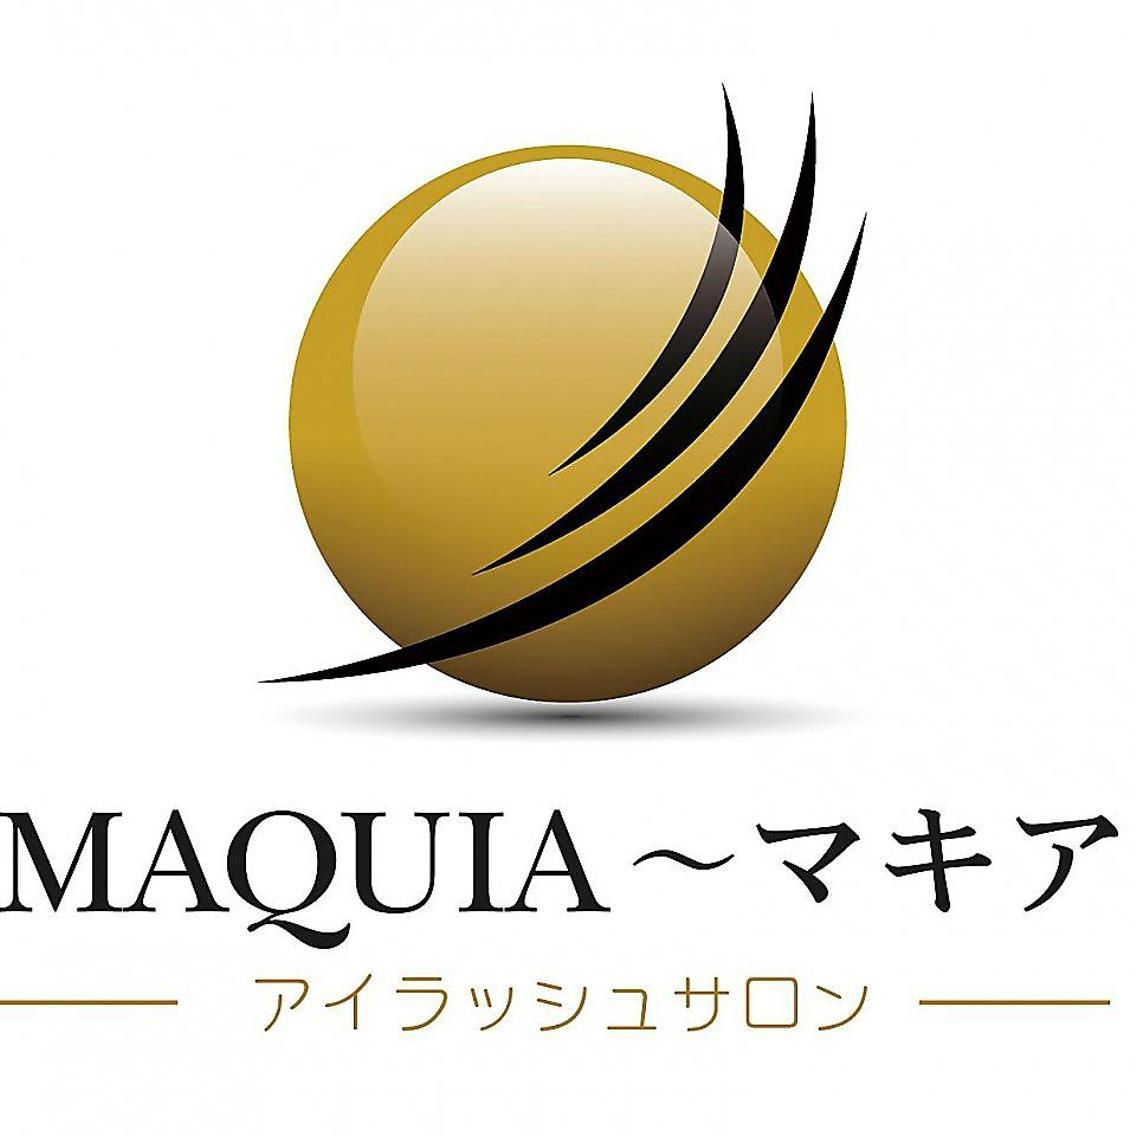 MAQUIA 新越谷店所属・MAQUIA新越谷店 辻の掲載